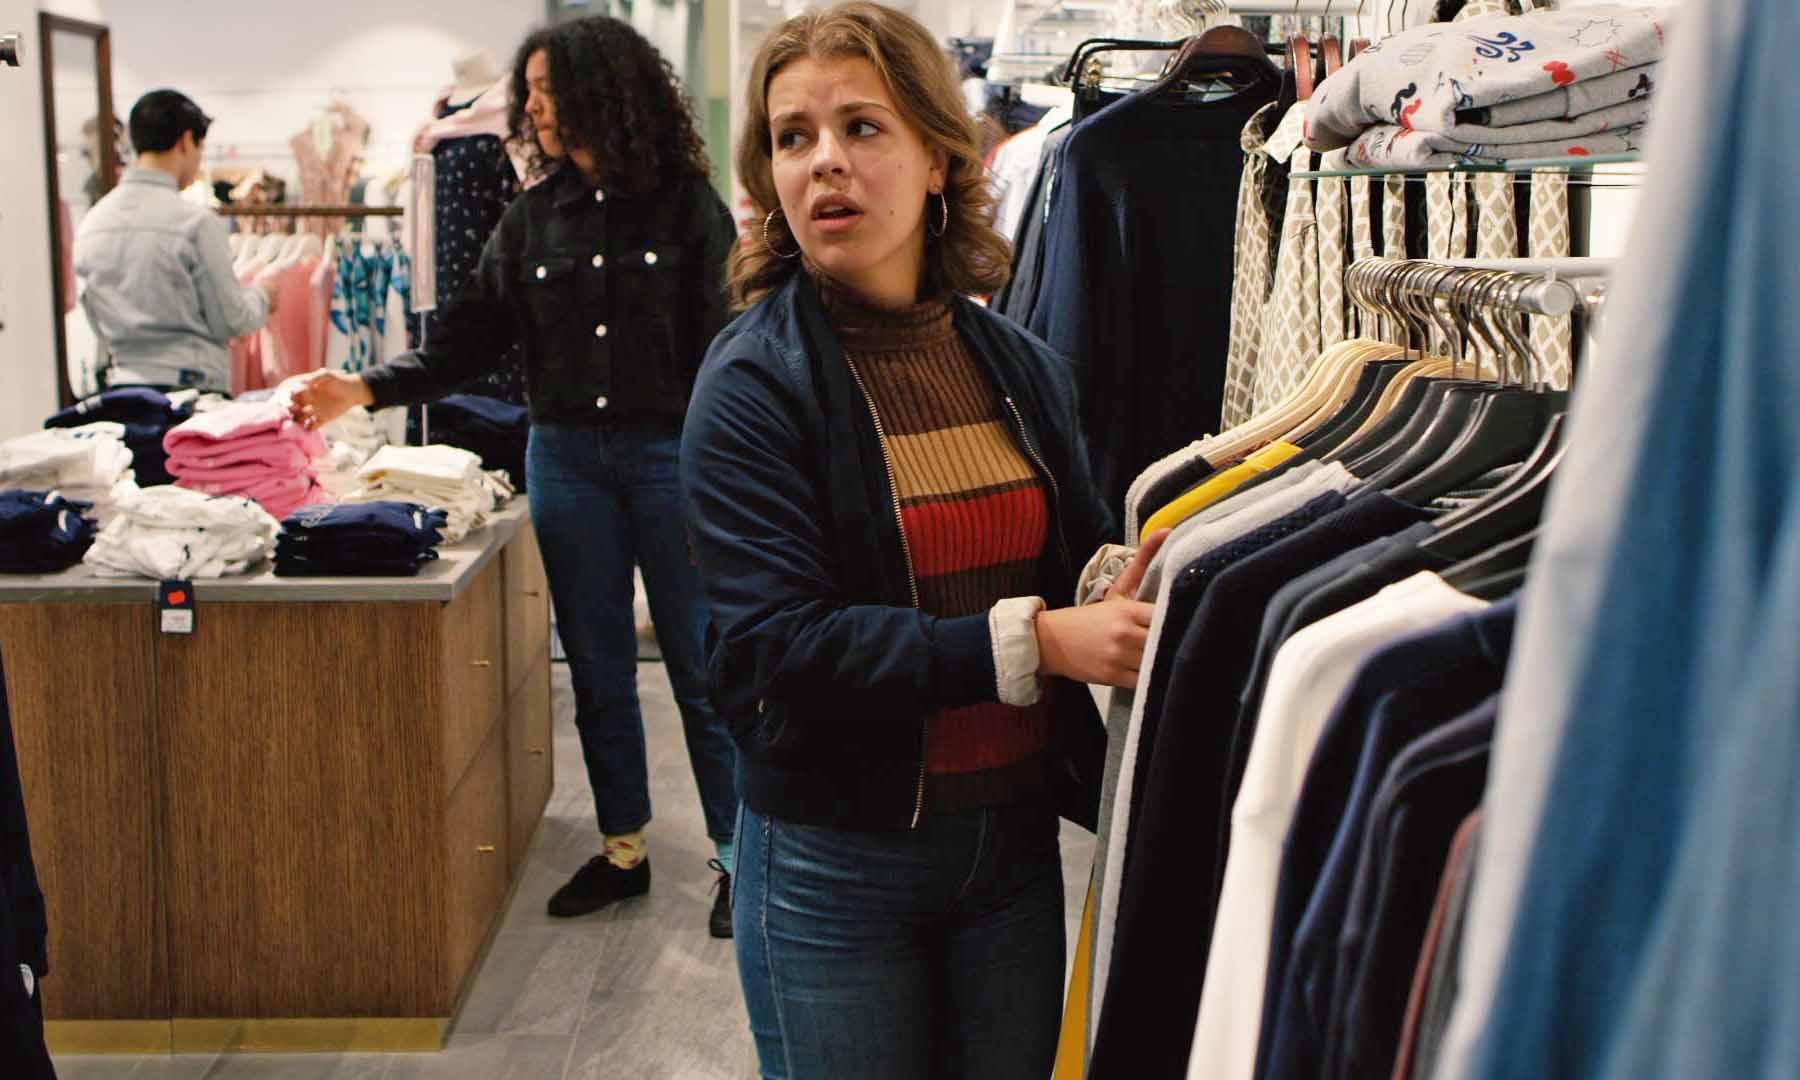 Högstadietjej i klädbutik ur filmen Schyssta kläder.